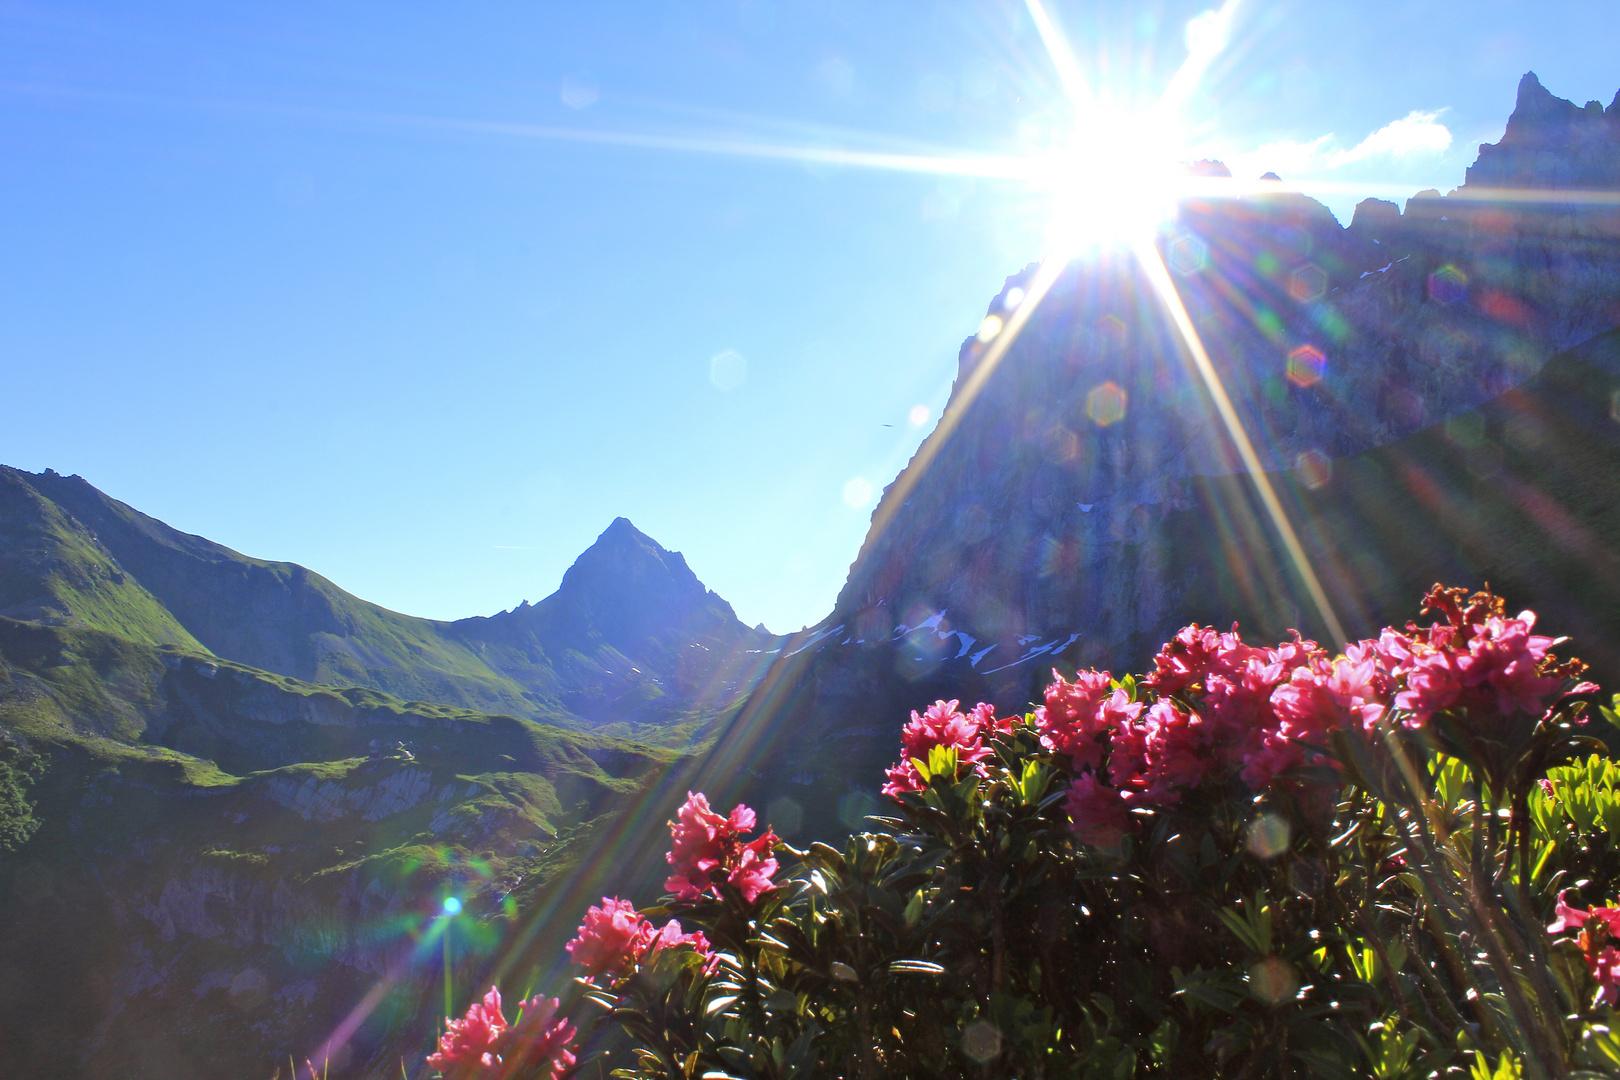 Sonnenaufgang in Seewli, Silenen